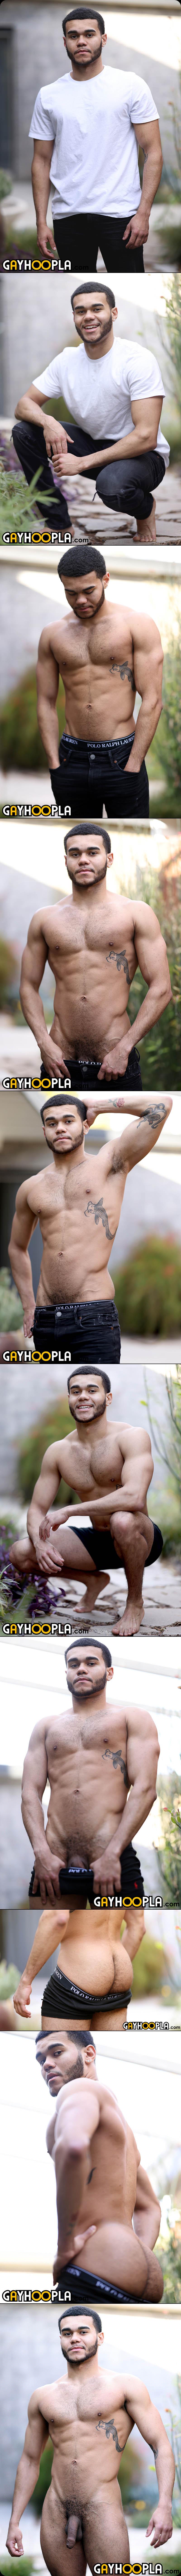 Xavier Ruiz at GayHoopla